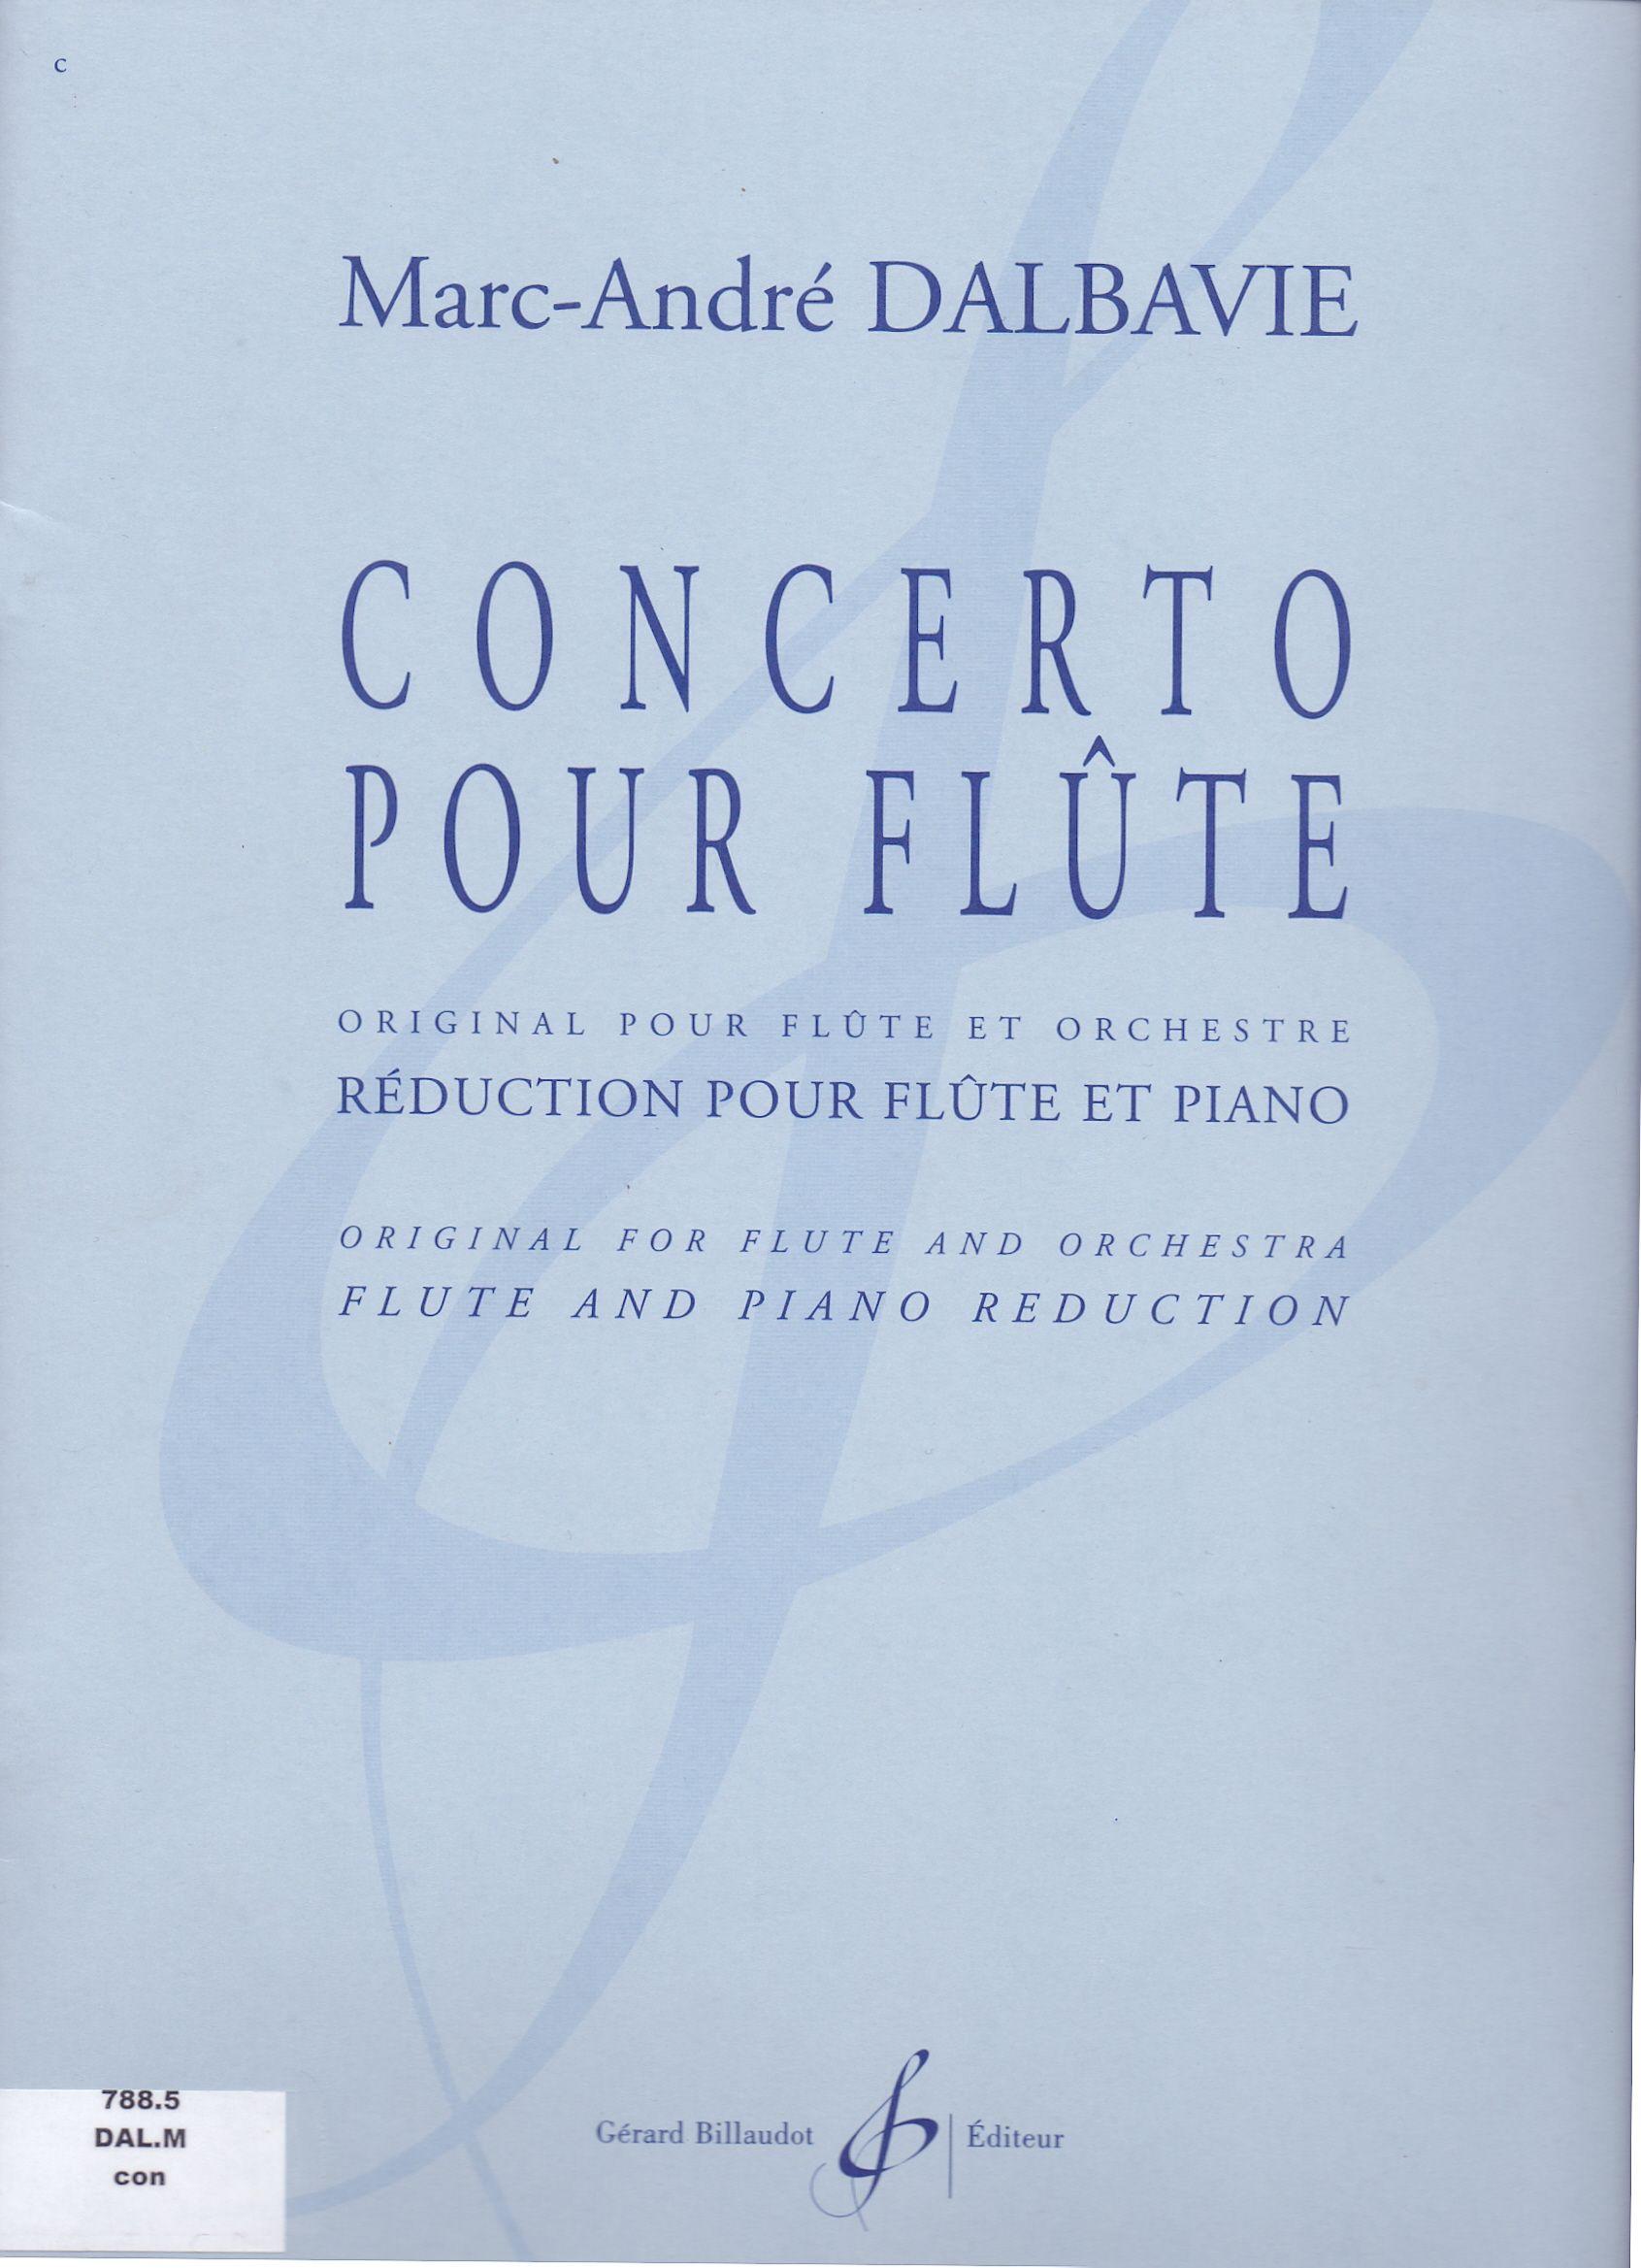 DALBAVIE, Marc-André. Concierto for flûte. Gerard Billaudot.